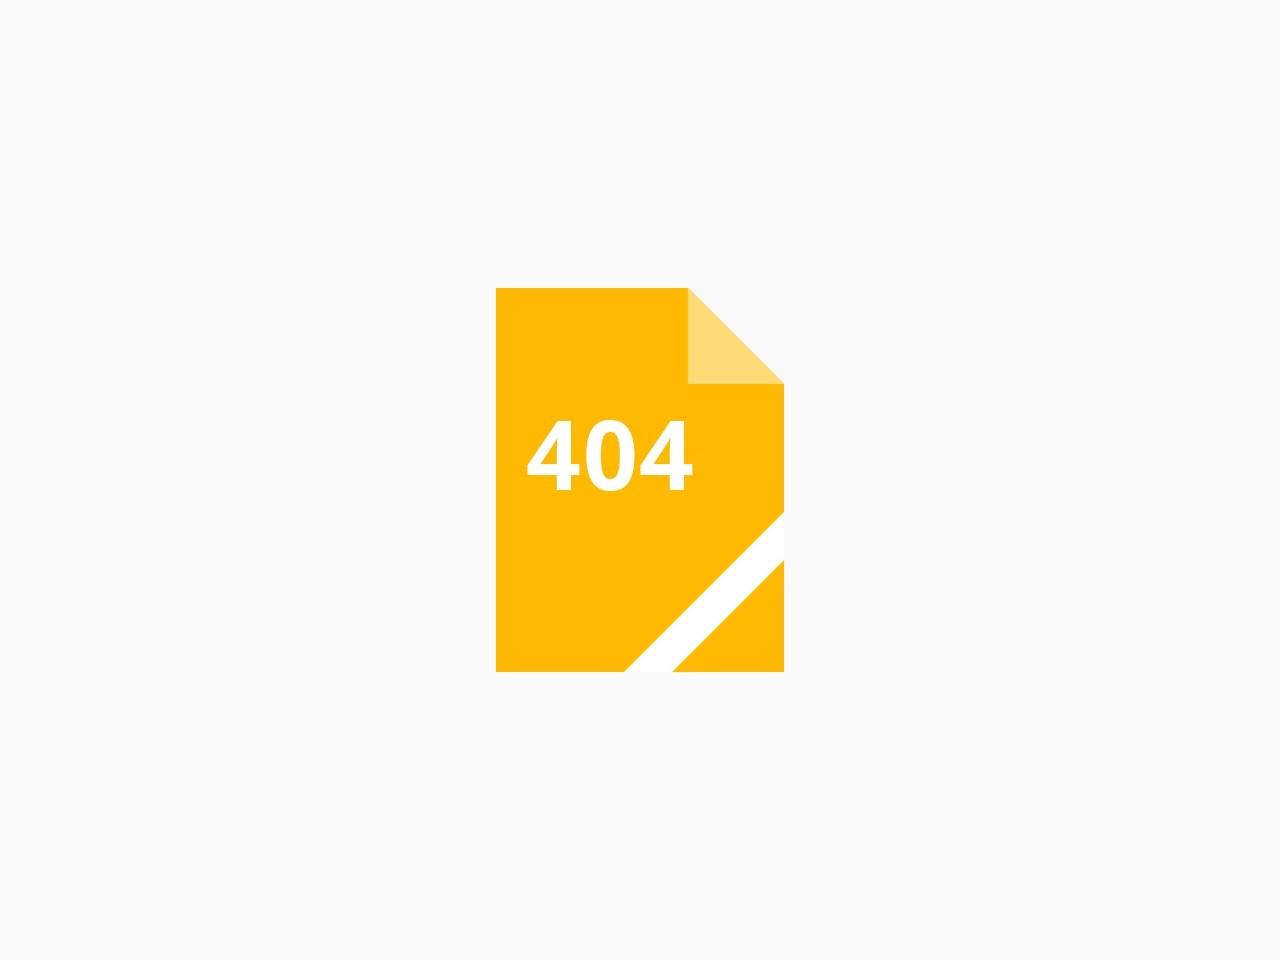 知乎好物从0开始到日入100,超级简单的玩法分享,新人一看也能上手操作 | 米库网